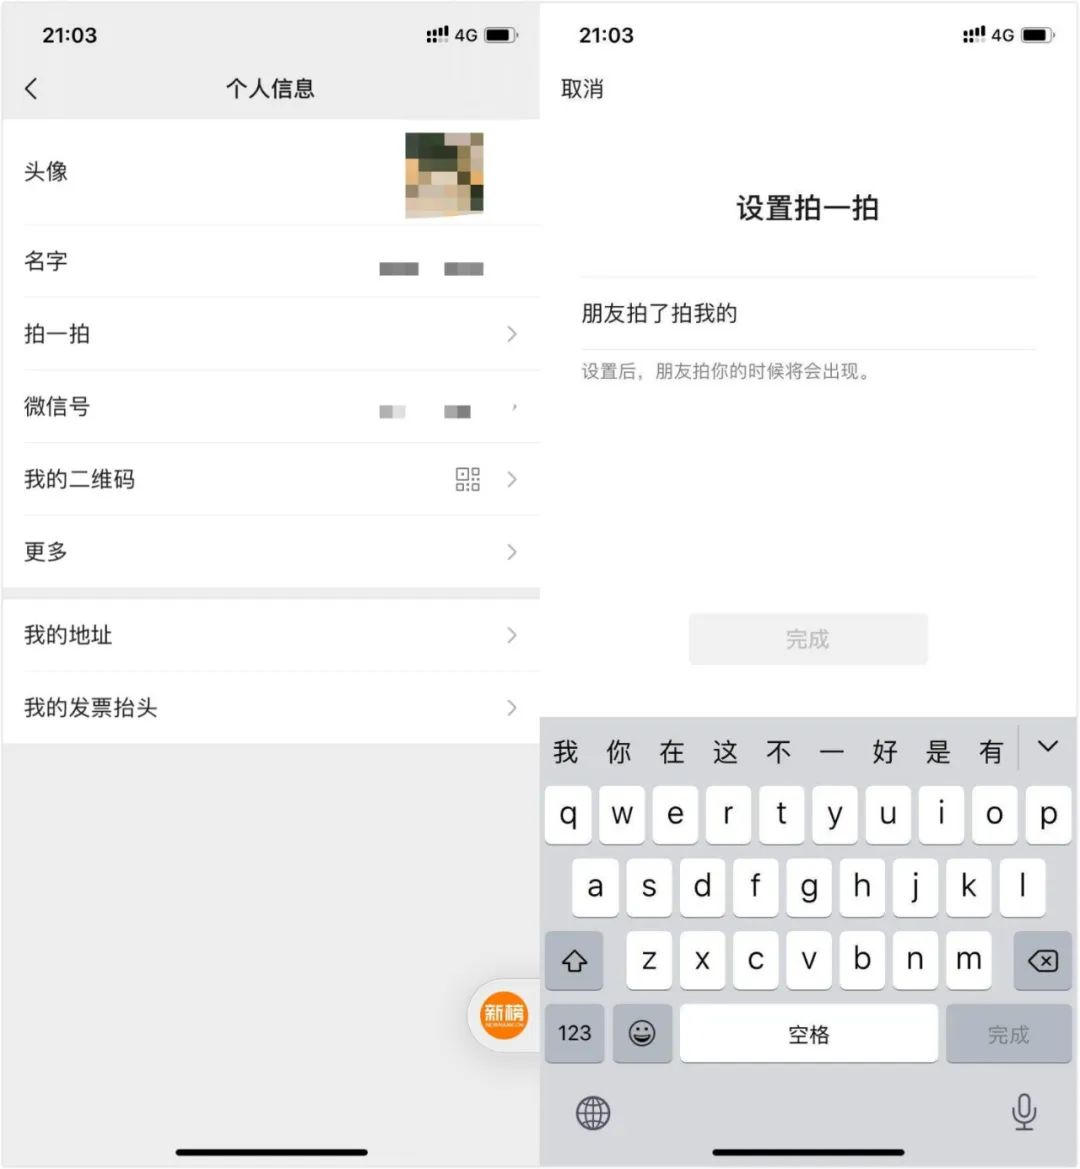 """微信<a href='https://www.zhouxiaohui.cn/duanshipin/'>视频号</a>上线""""弹幕""""功能;李子柒疑被越南博主抄袭,律师称维权难度大 -第1张图片-周小辉<a href='https://www.zhouxiaohui.cn/duanshipin/'>短视频</a>培训博客"""